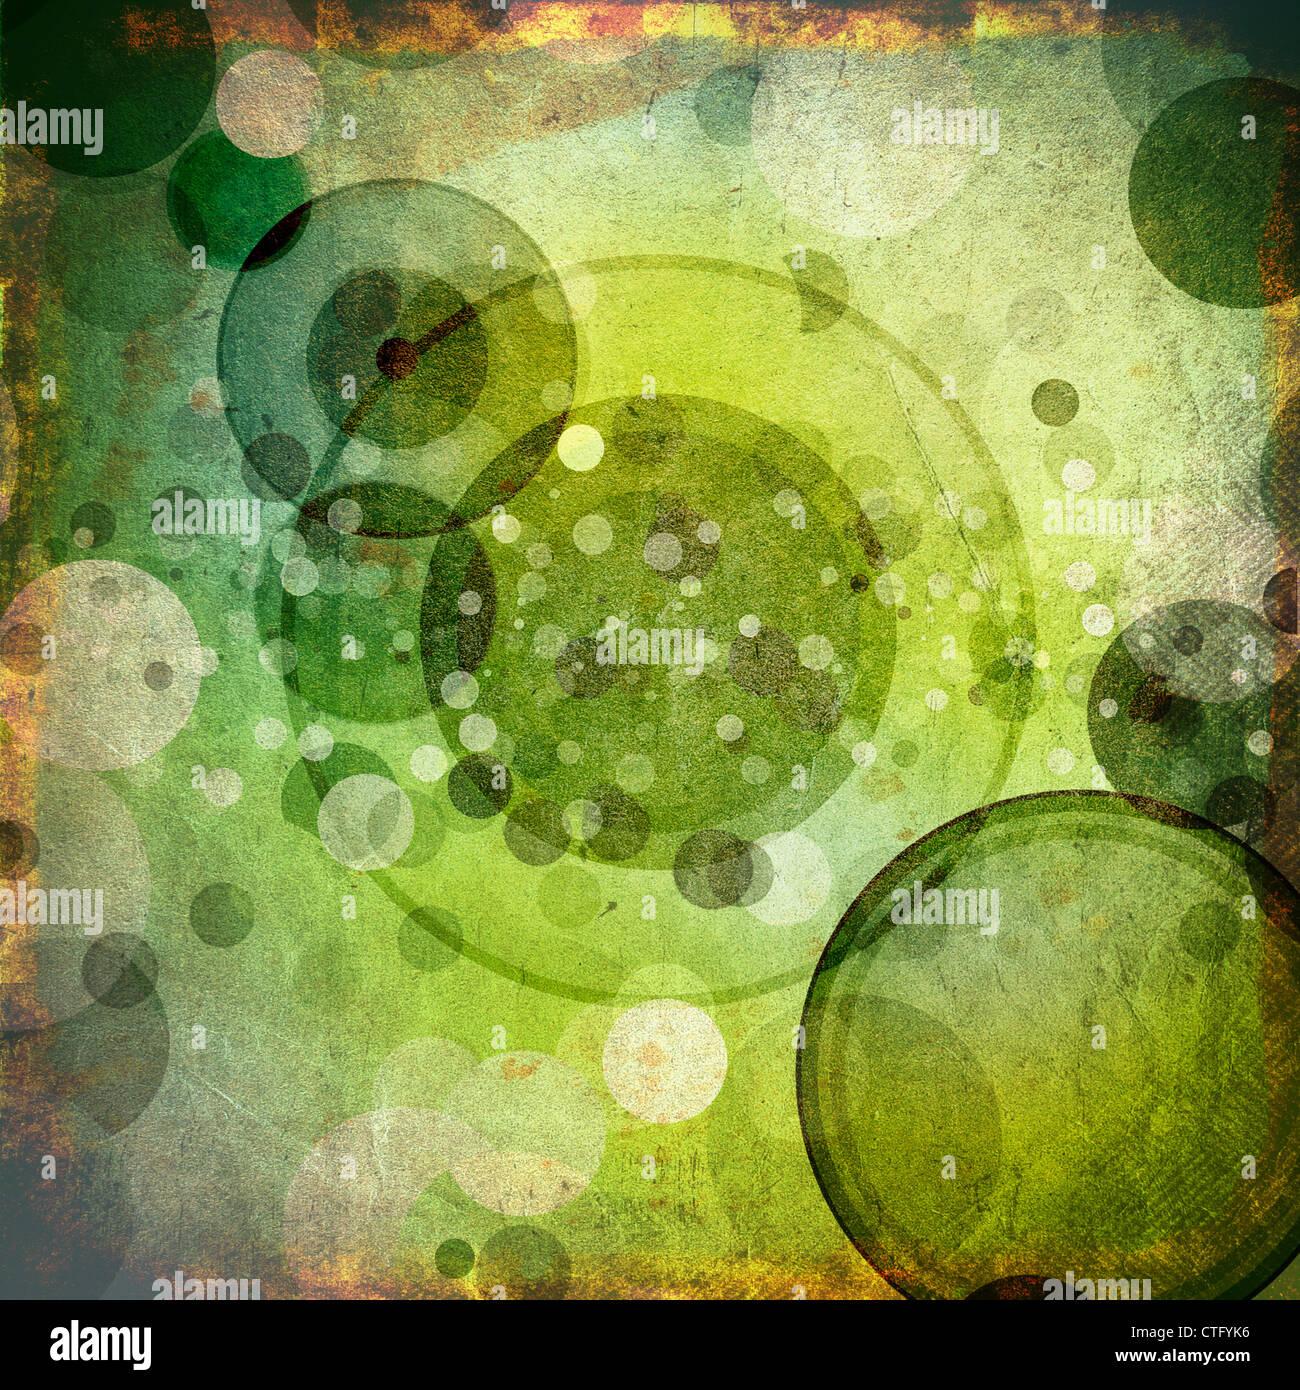 Grunge retro vintage trama della carta sullo sfondo Immagini Stock